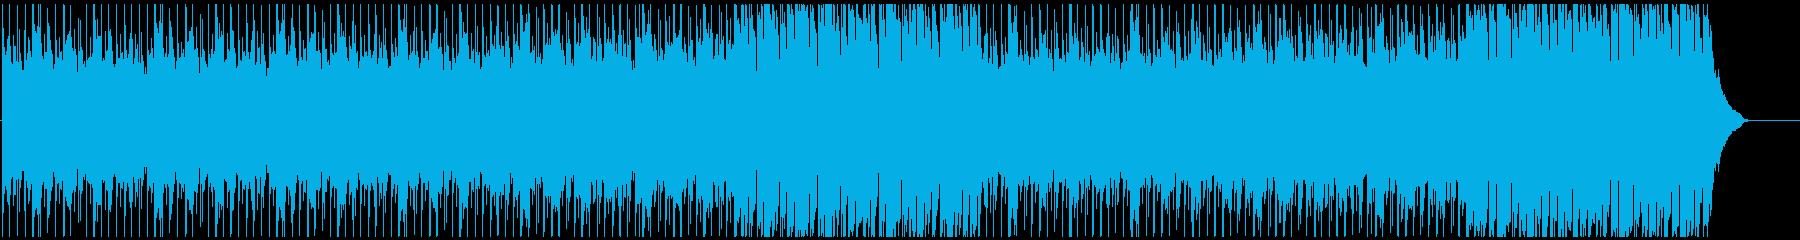 企業VPに 幻想的・感動 ピアノメインの再生済みの波形